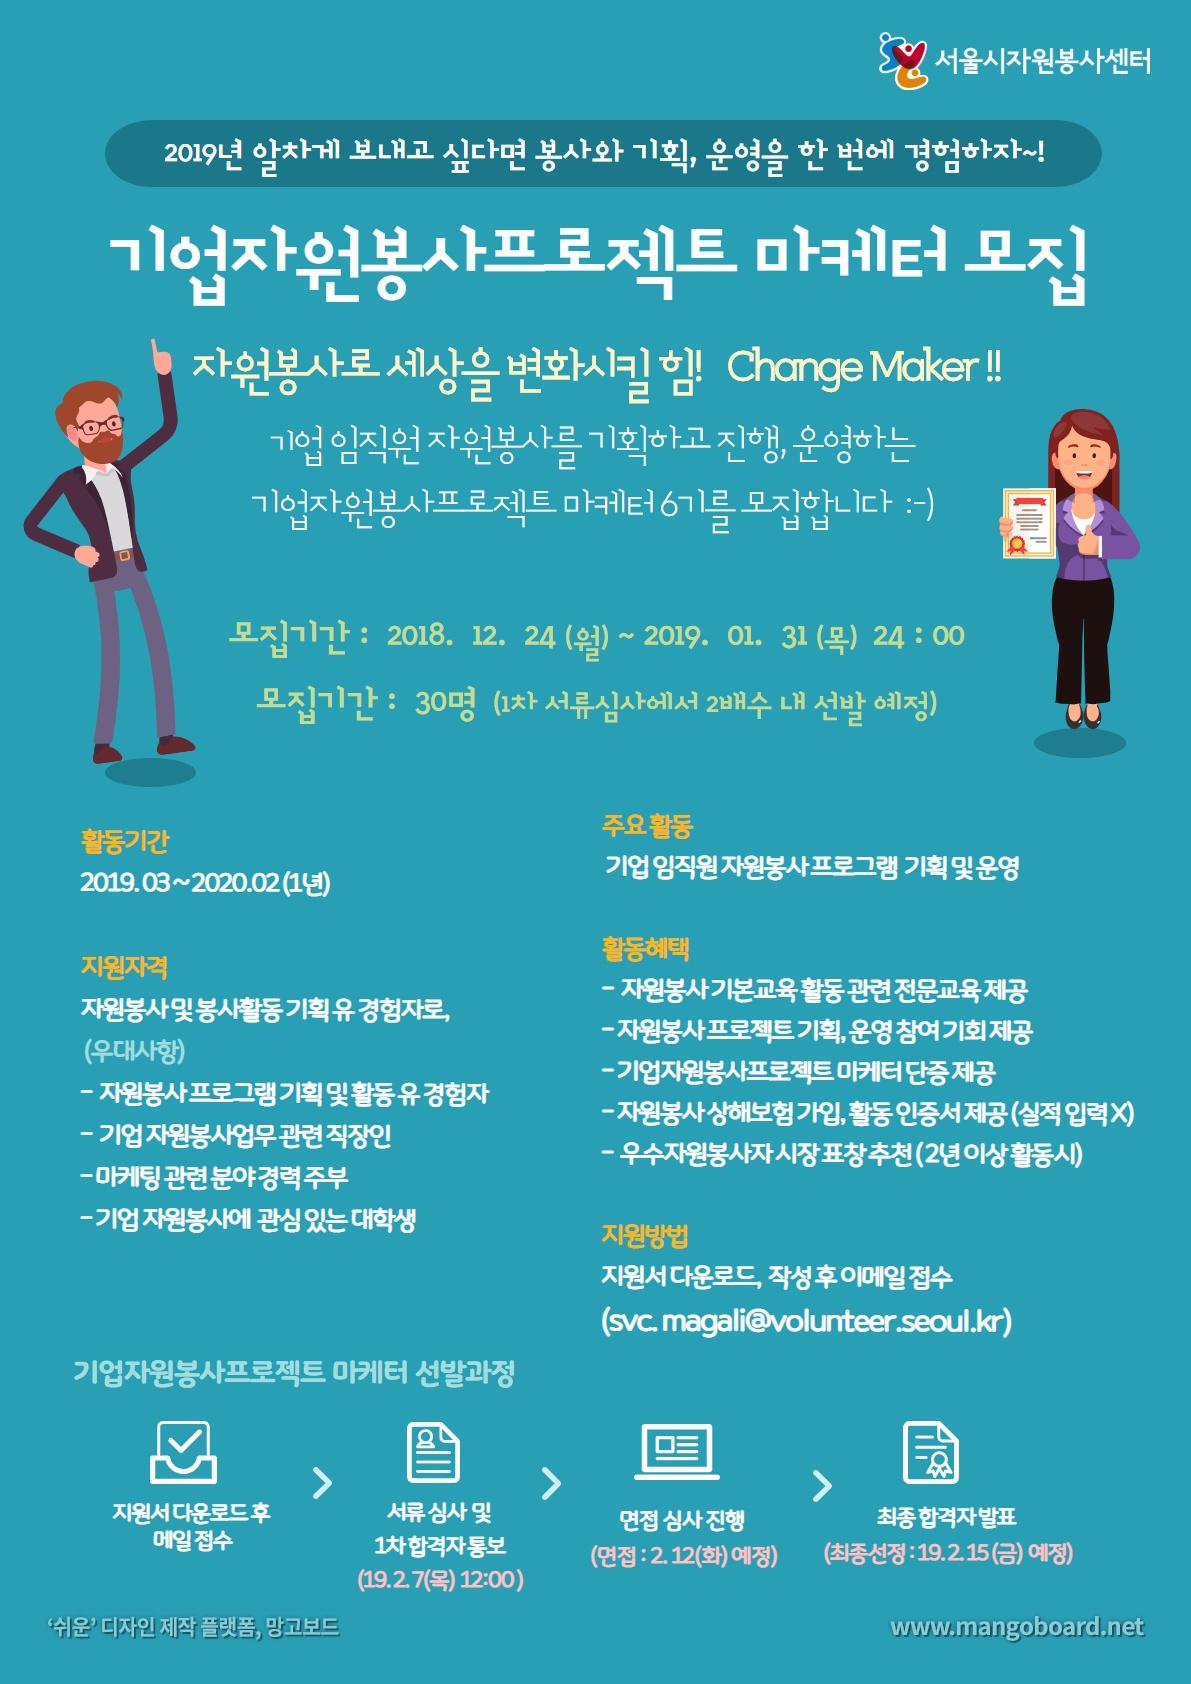 [마케터 모집] 서울시자원봉사센터 기업자원봉사 프로젝트마케터(6기) 모집 공고